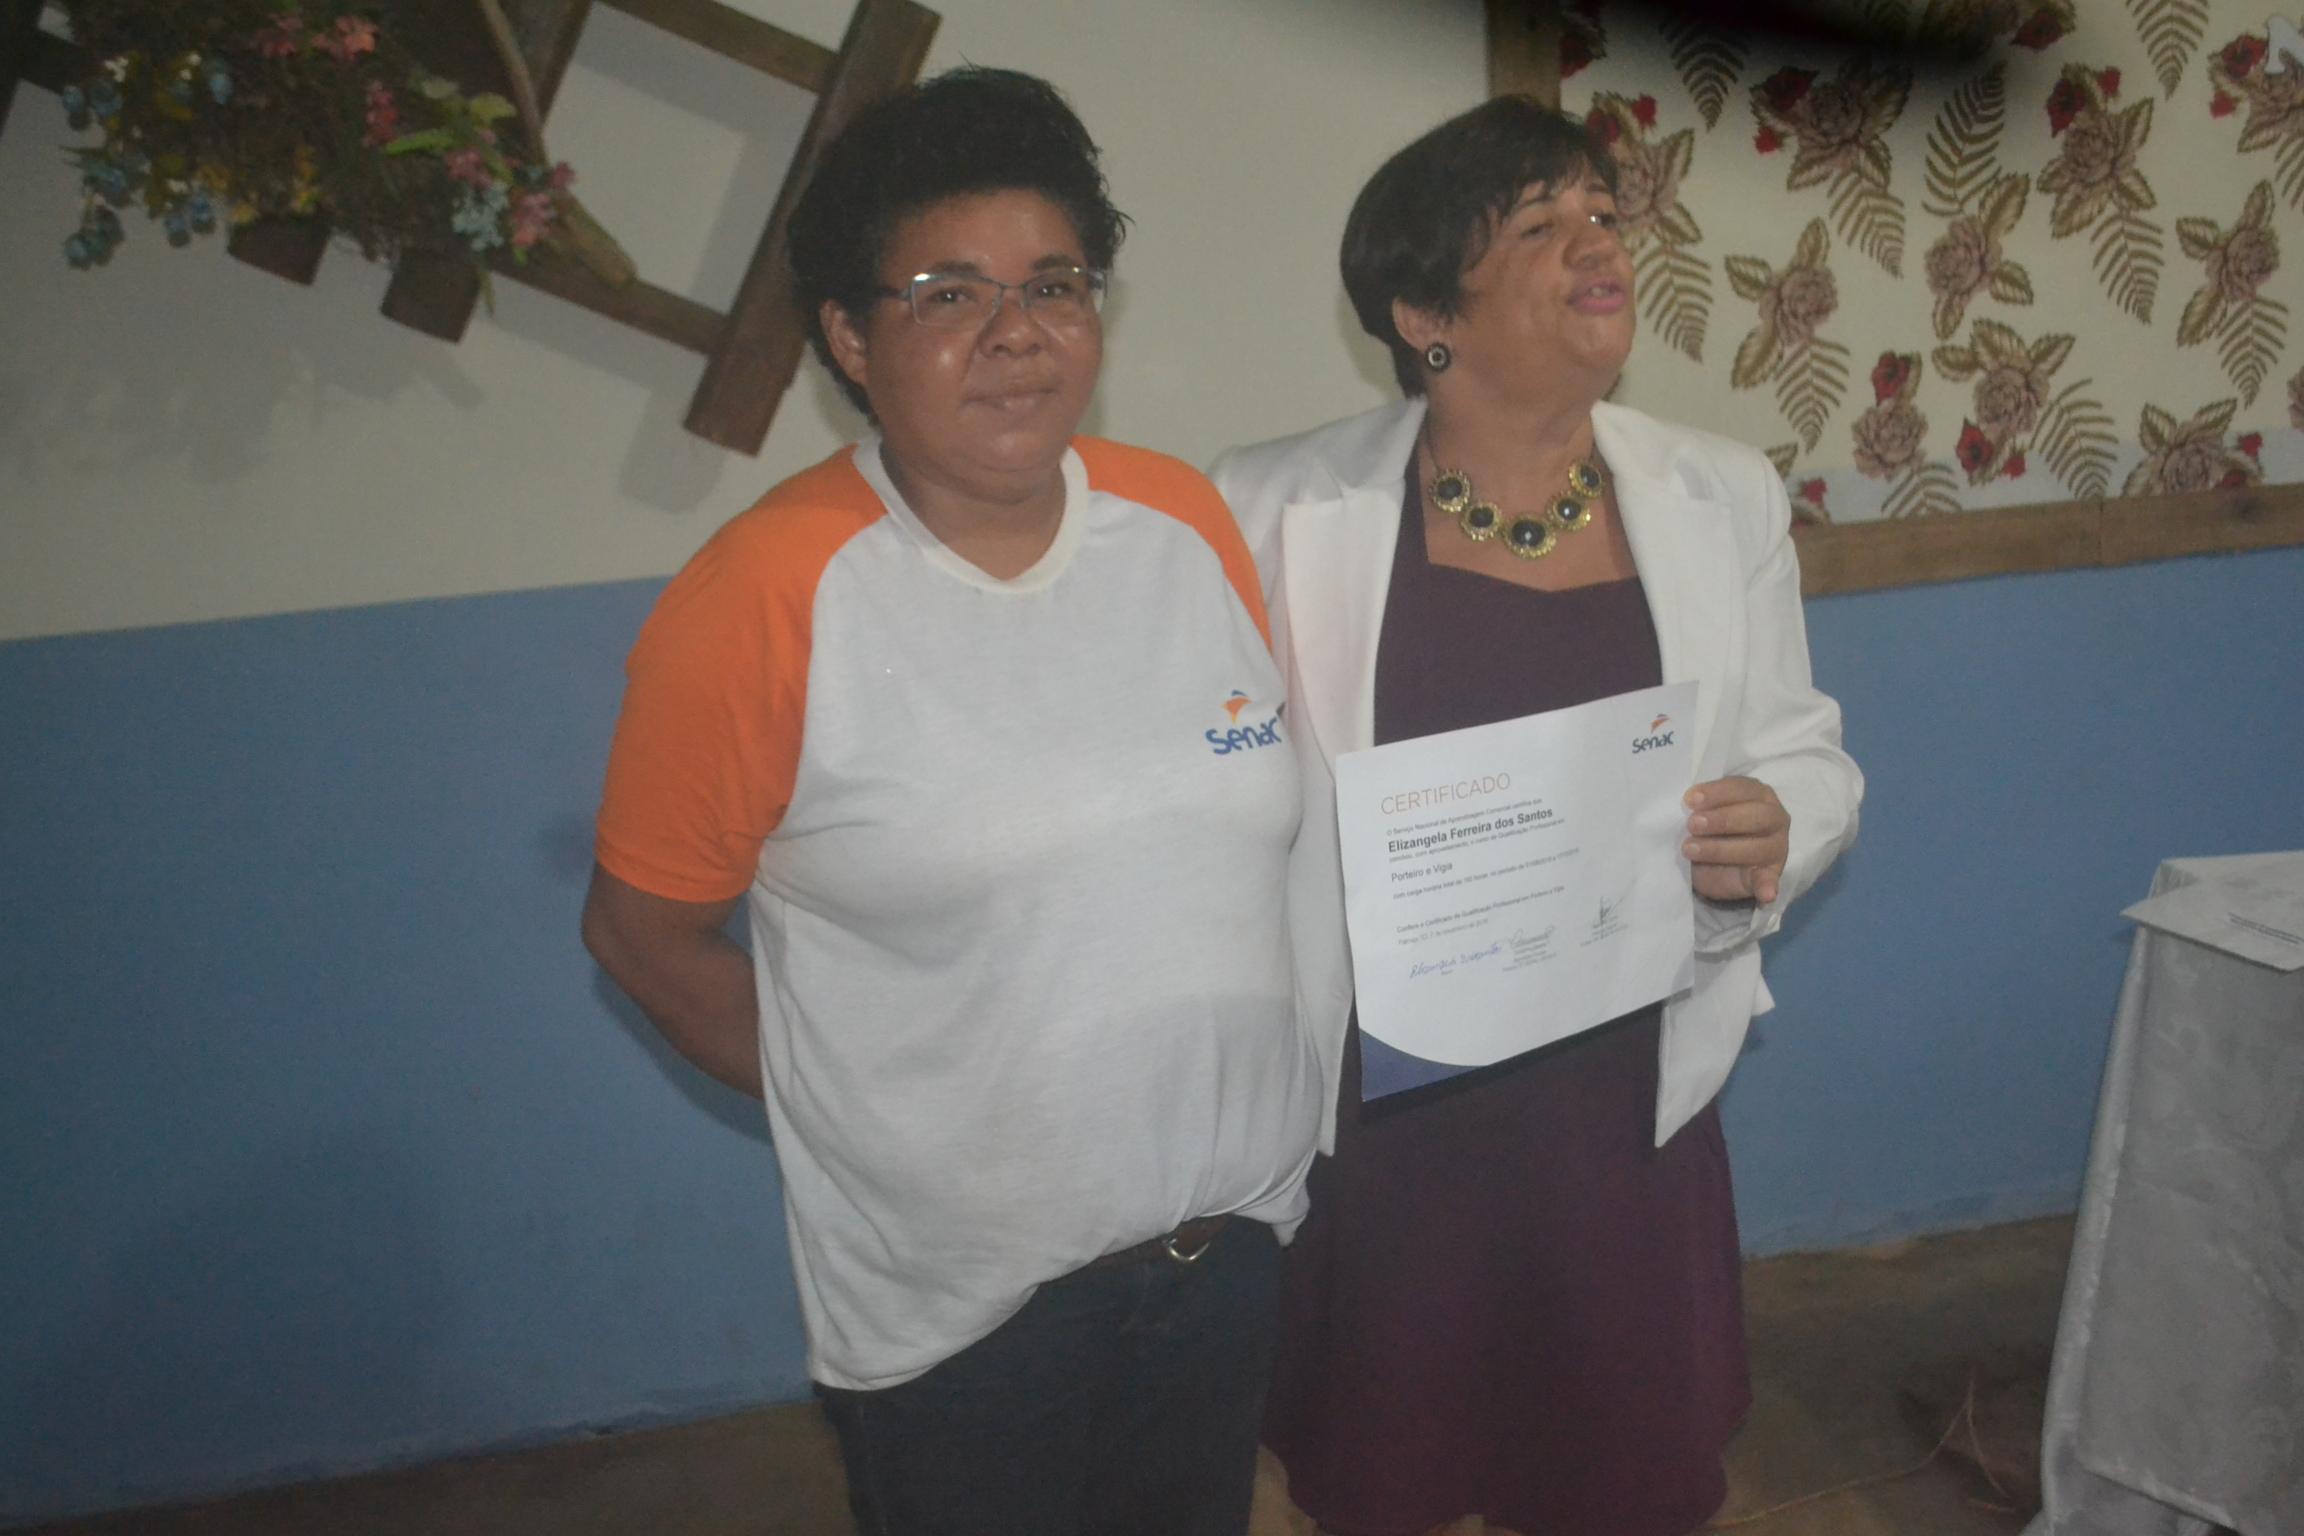 Secretária de Assistência Social de Divinópolis (TO) faz evento para prestar contas das ações realizadas em 2018